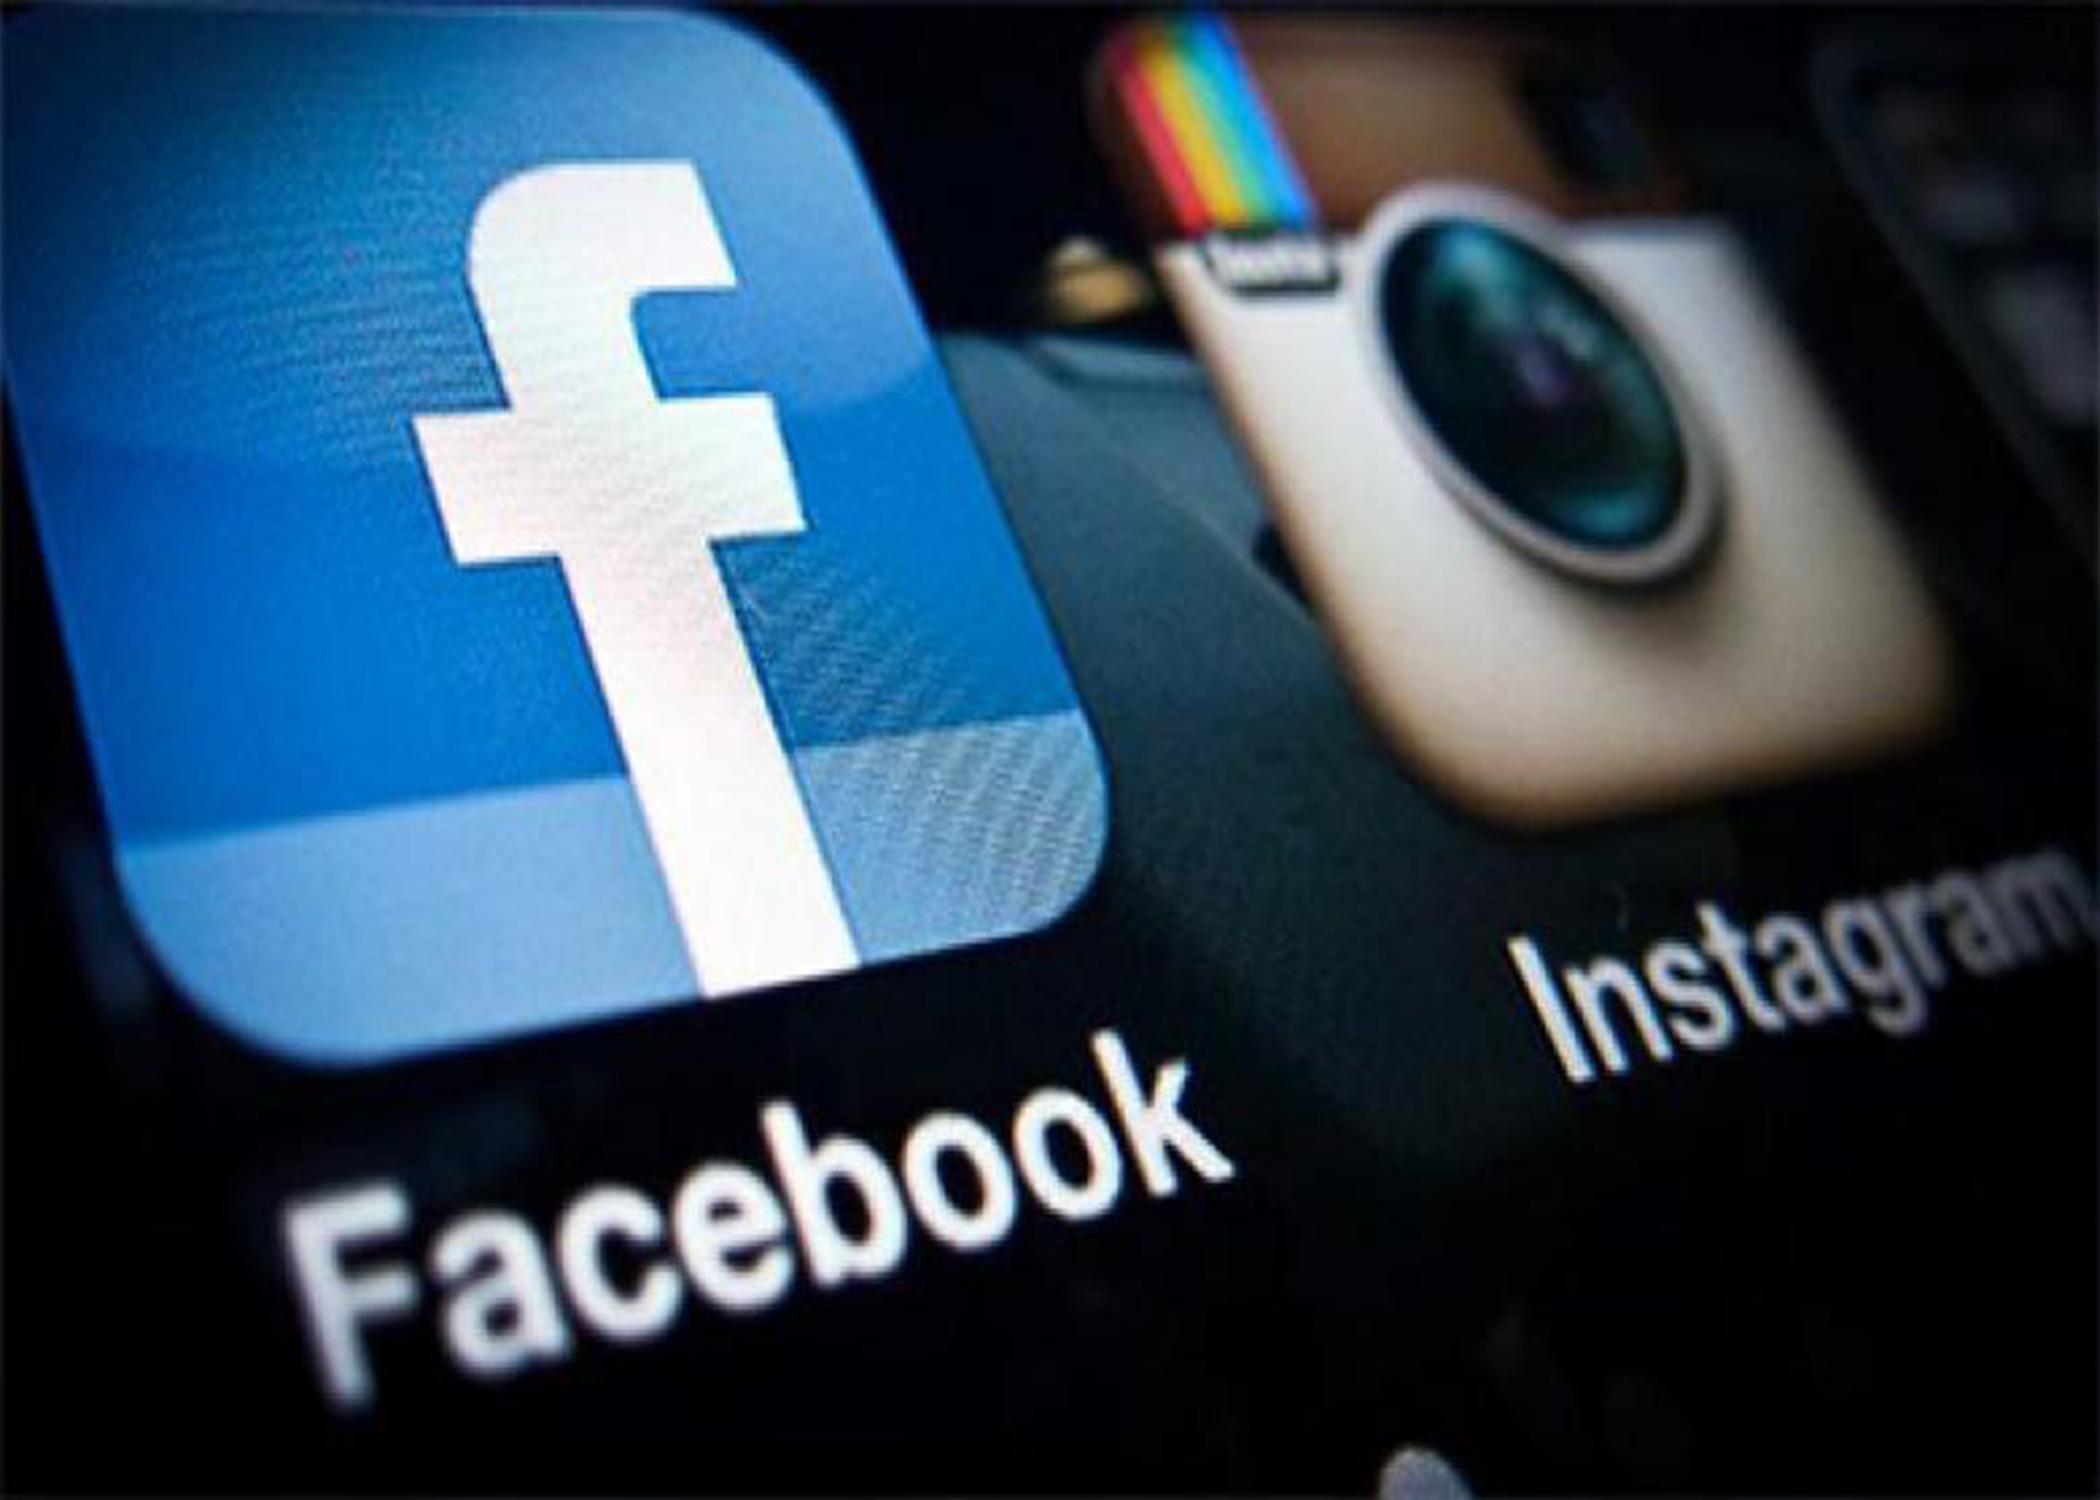 فيسبوك وانستجرام تلغيان مليونى إعلان قبيل الانتخابات الأمريكية